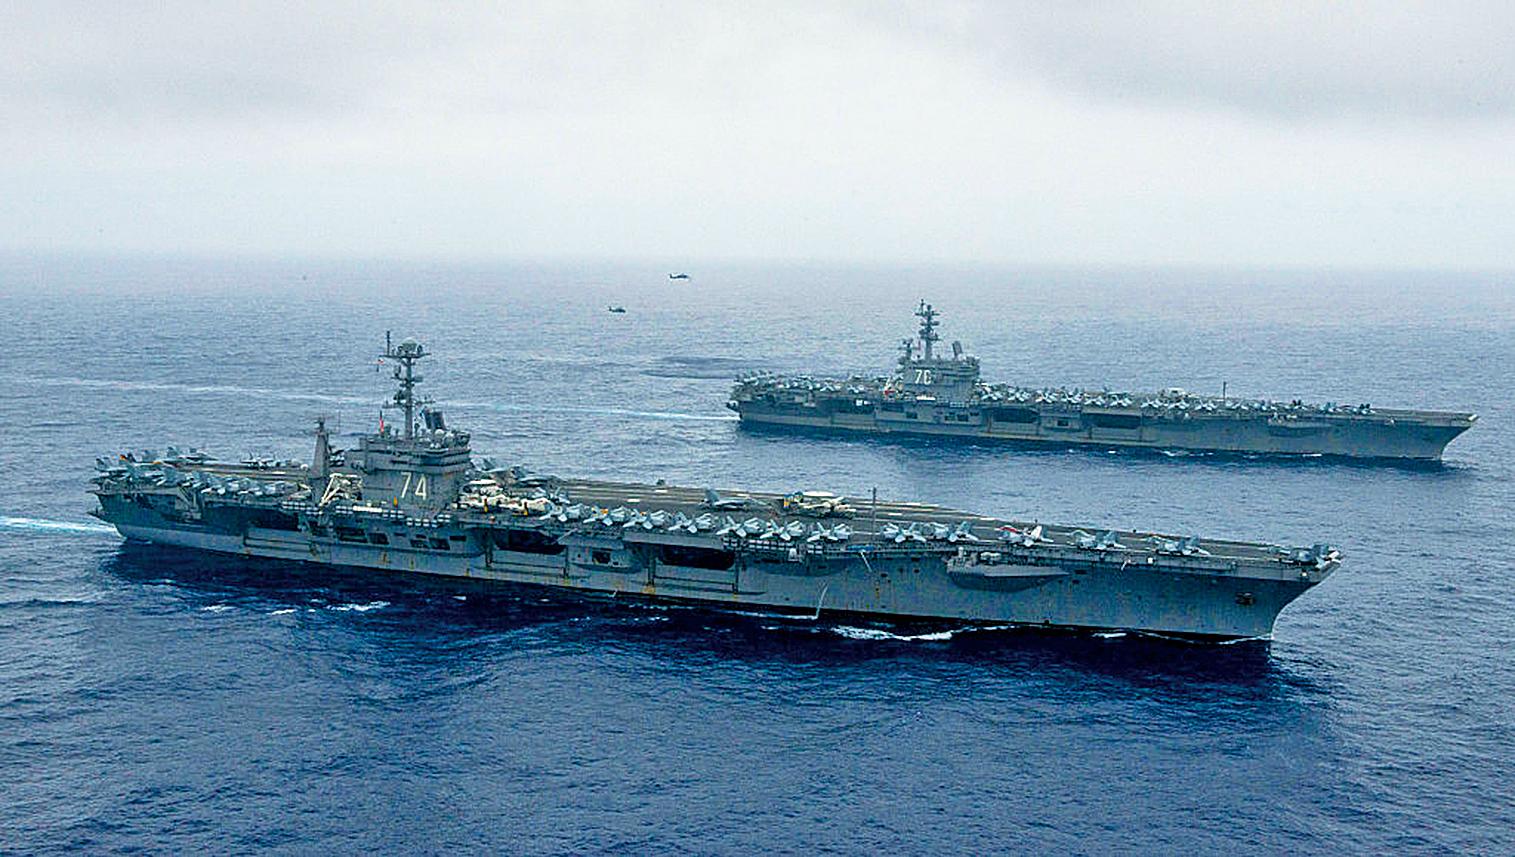 圖為由核動力航空母艦列根號(USS Ronald Reagan)帶領的美國航空母艦打擊群正在執行例行任務。(Getty Images)